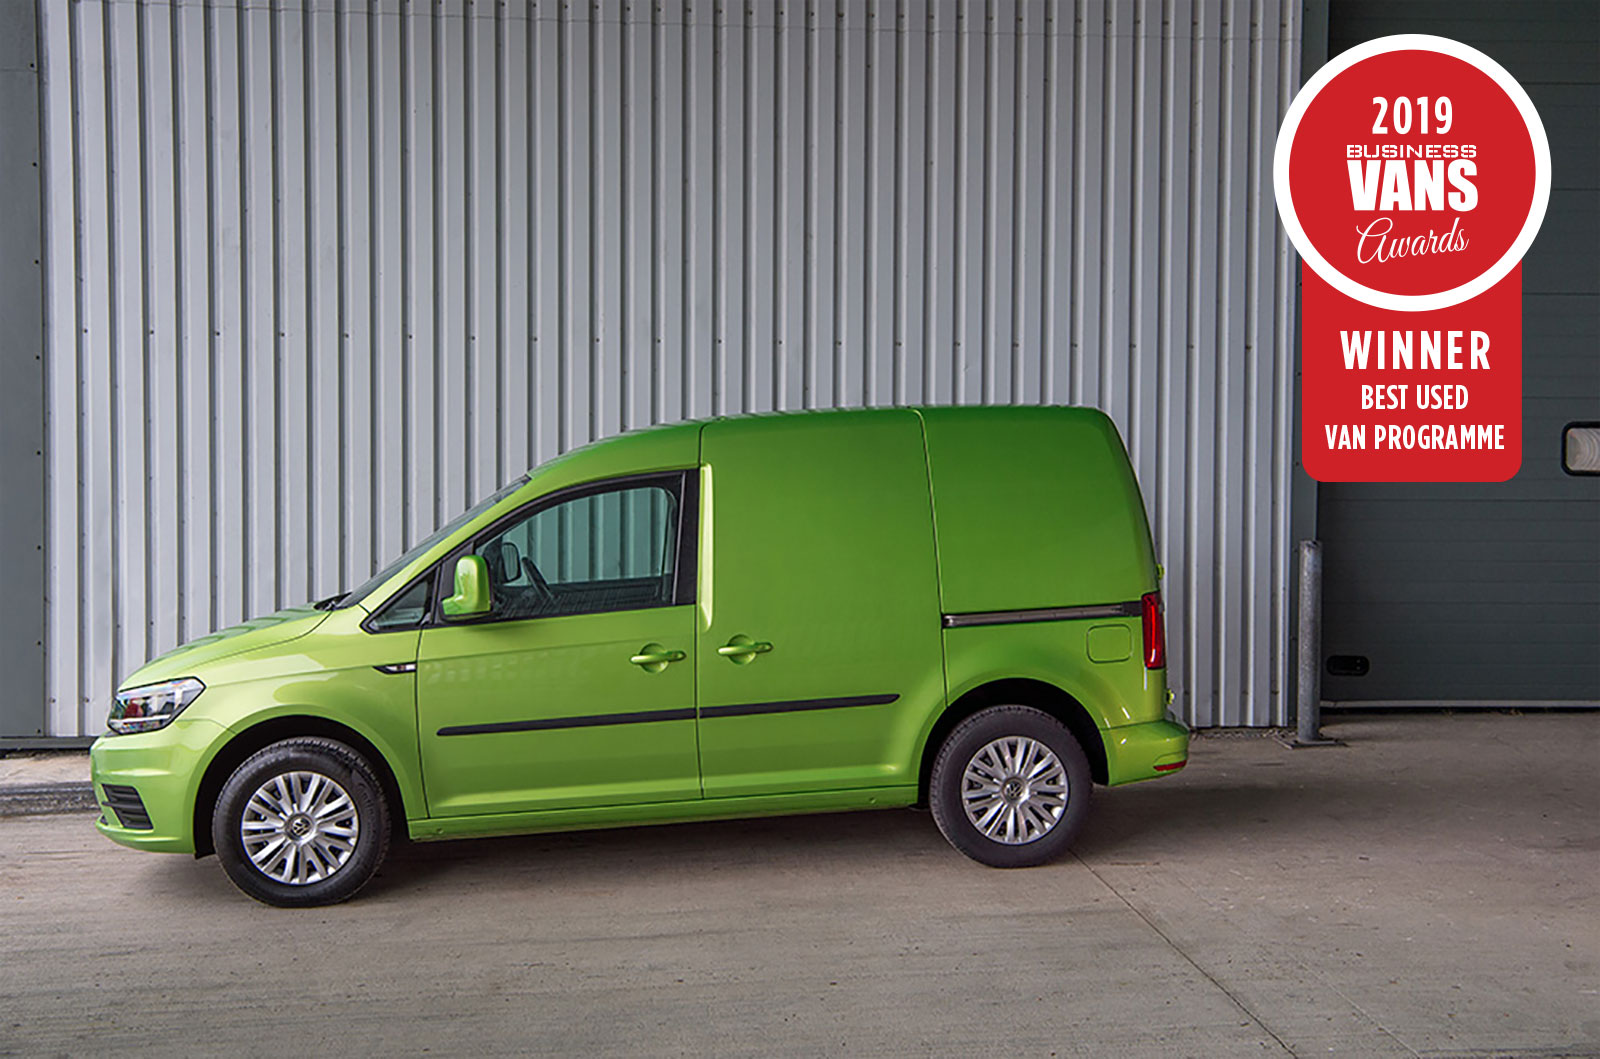 db824da178 Best Used Van Programme – Volkswagen Commercial Vehicles - Business Vans